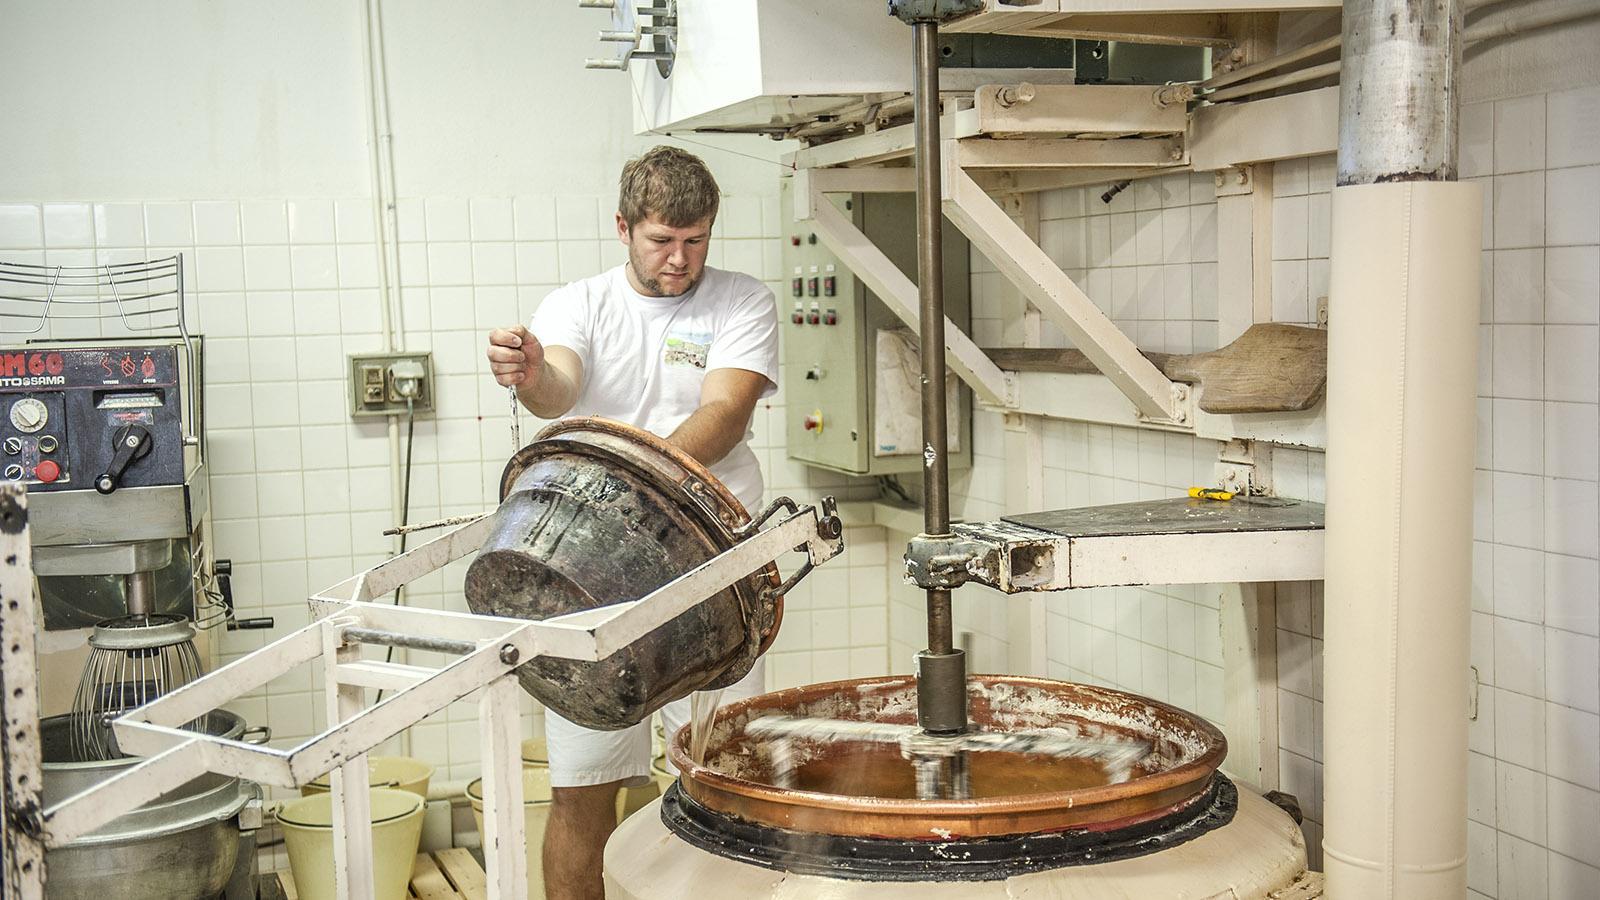 Suprem' Nougat Savin: Zuckerlösung und Eischnee-Honigmix werden dann gut vermengt. Foto: Hilke Maunder